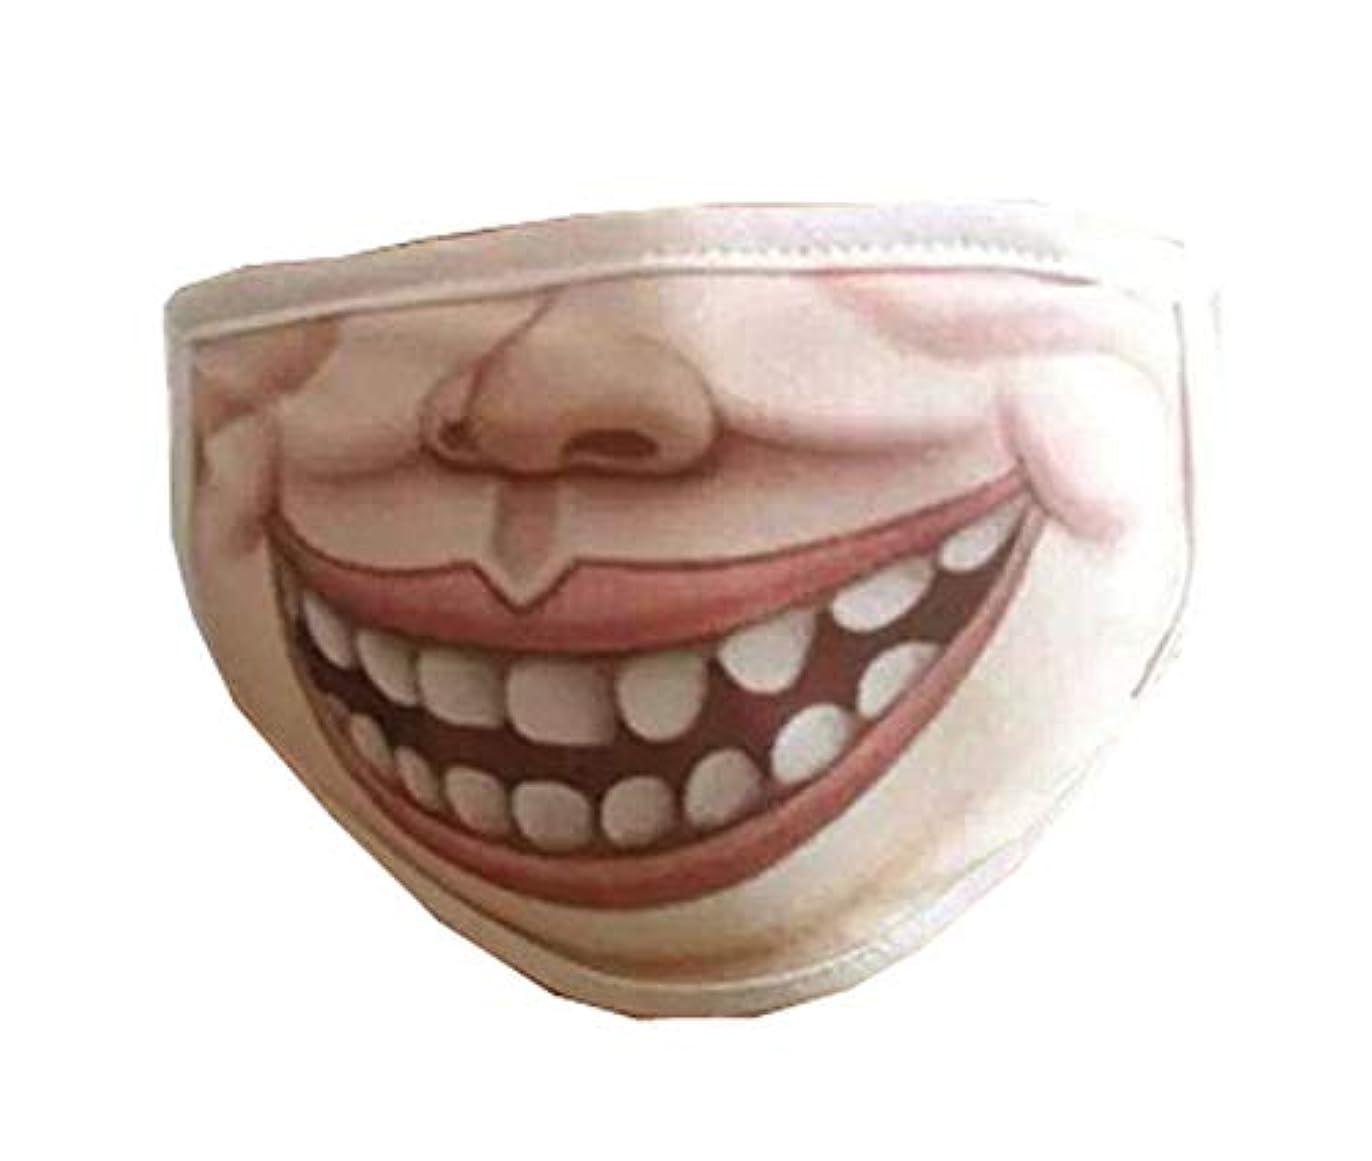 推進力サンダル登山家面白い口のマスク、かわいいユニセックス顔の十代のマスク(G2)